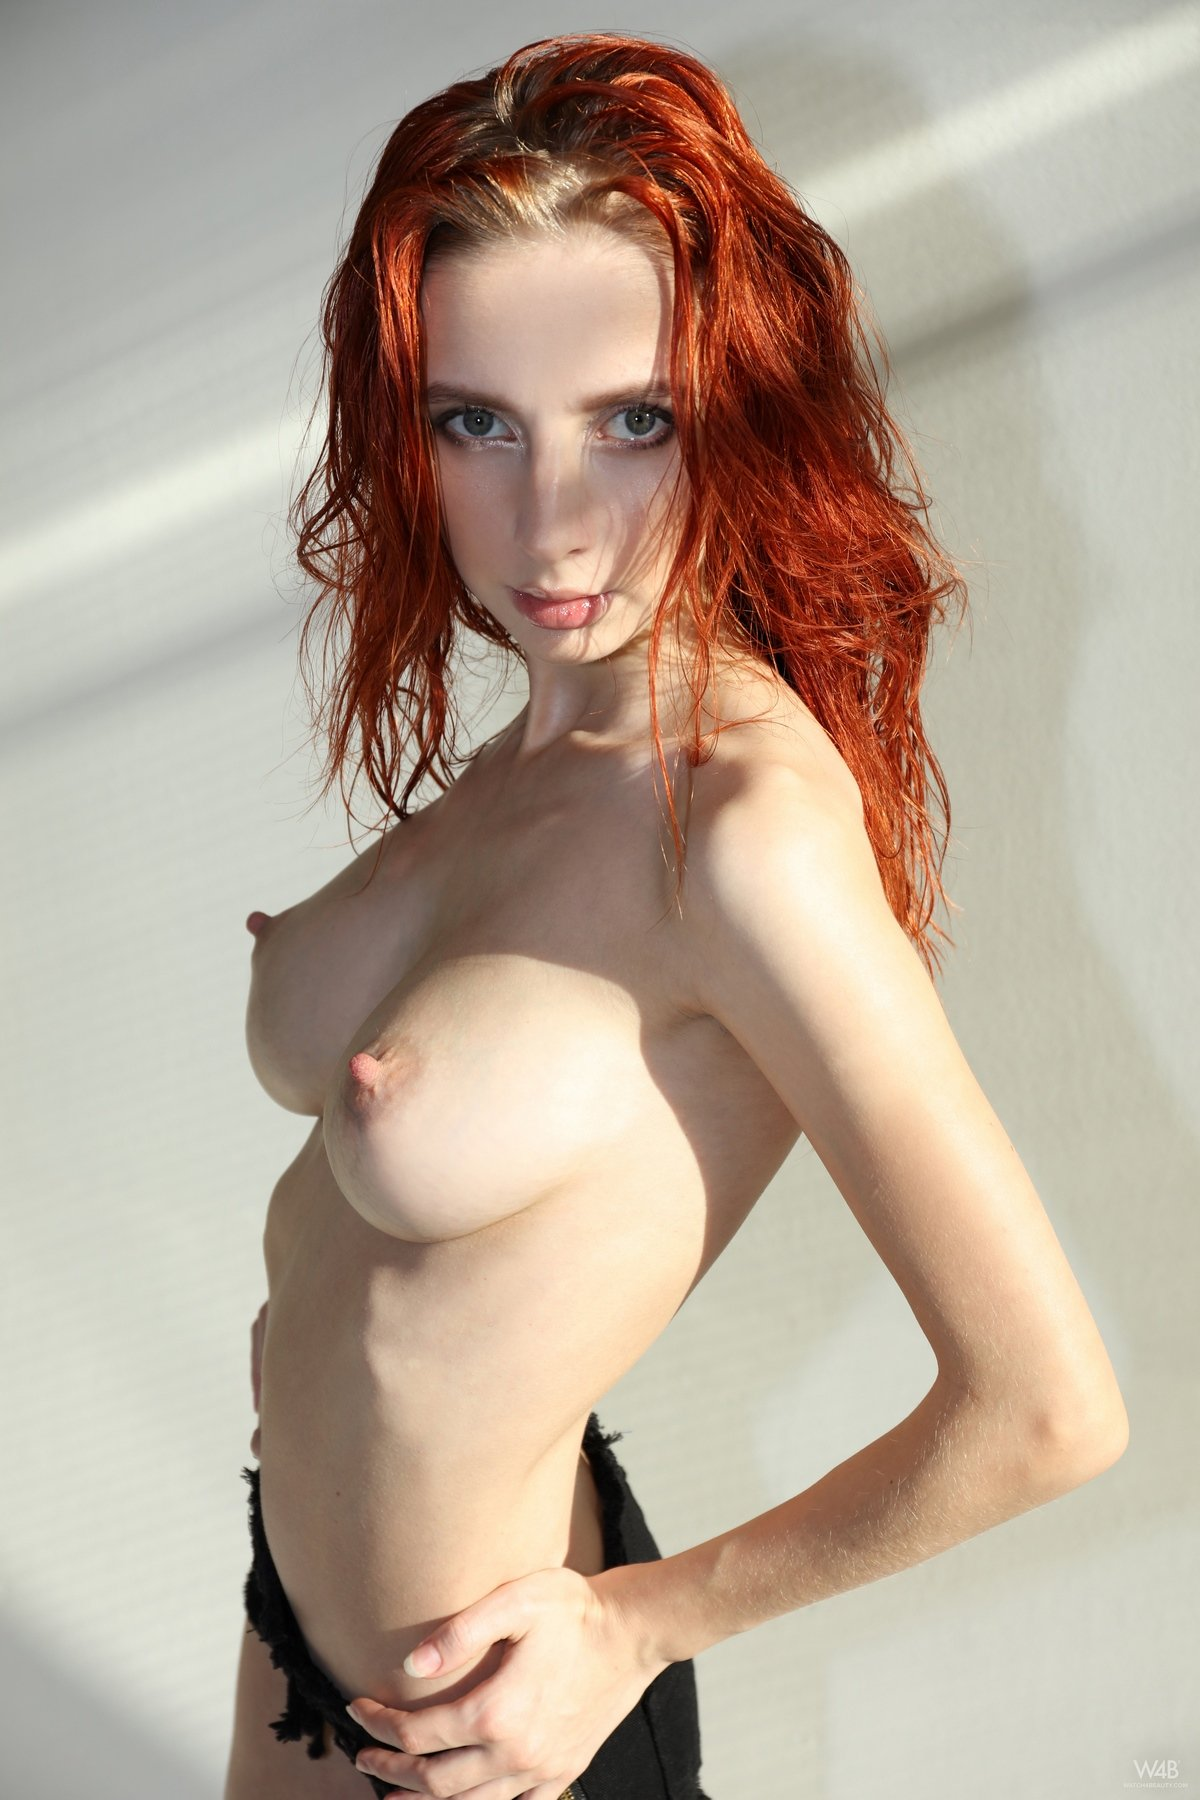 Naked skinny red girl